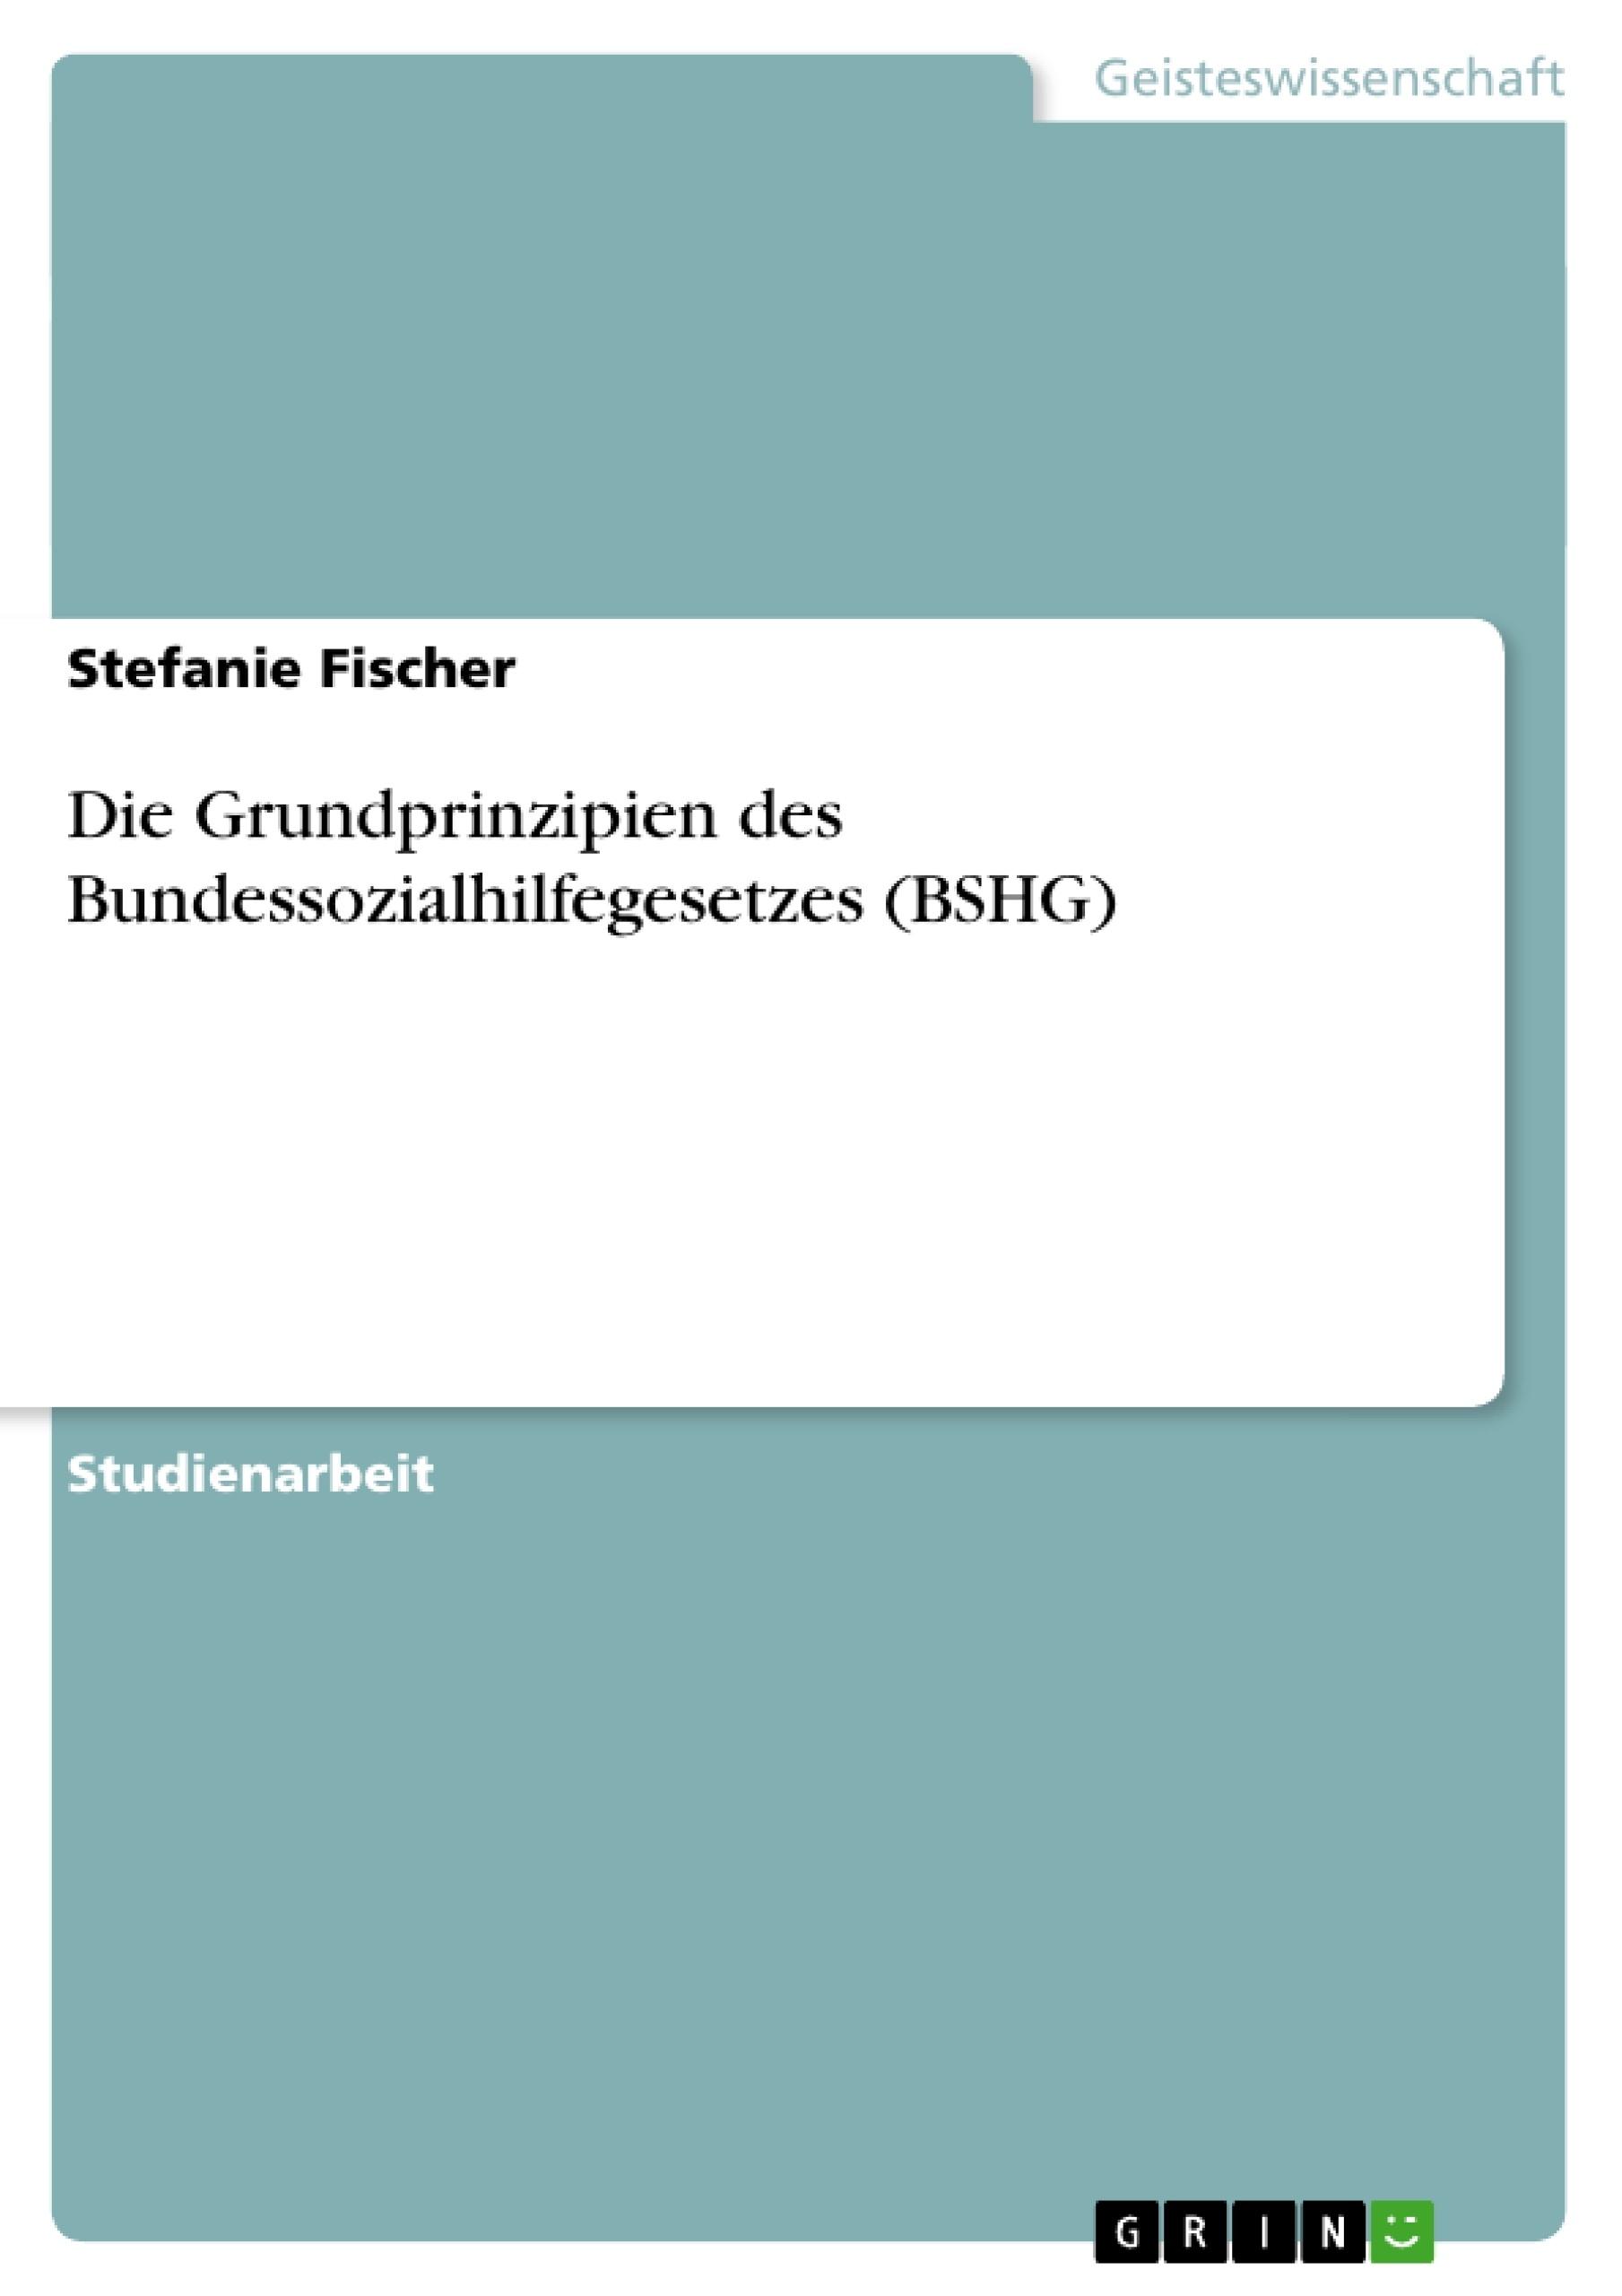 Titel: Die Grundprinzipien des Bundessozialhilfegesetzes (BSHG)